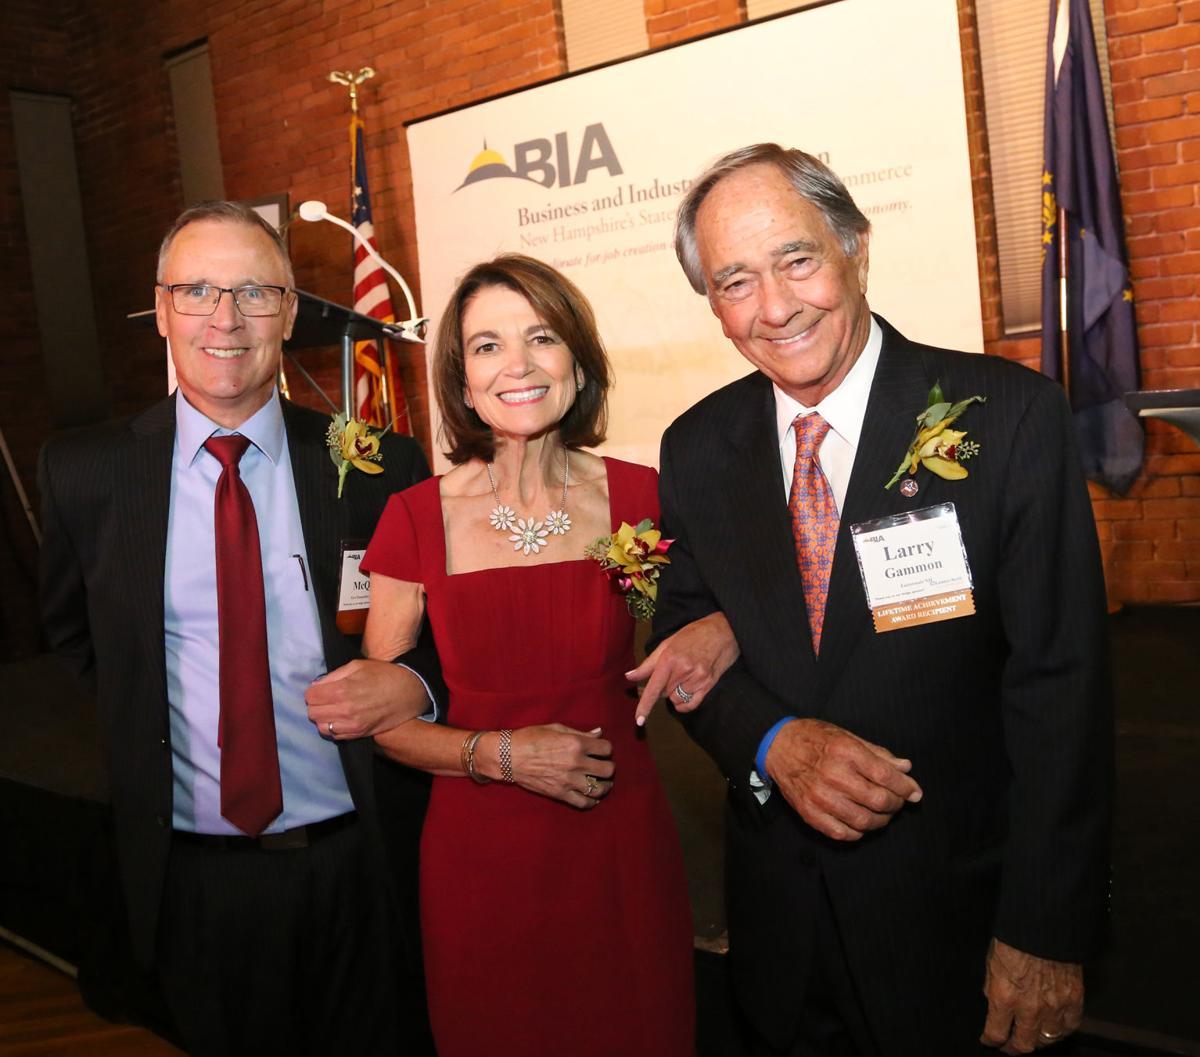 BIA honorees